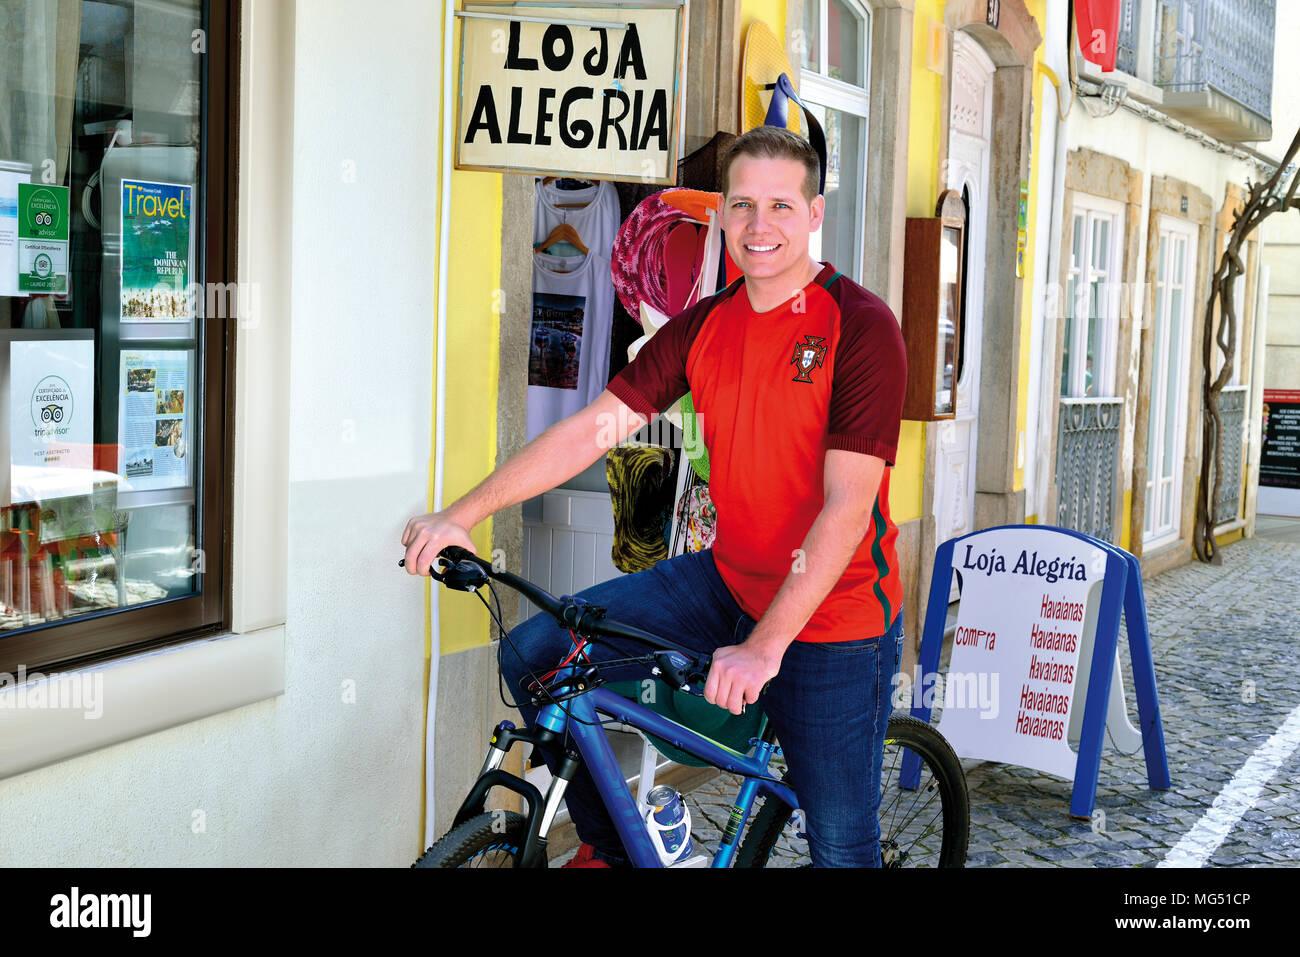 Jungen blonden Mann mit der portugiesischen Nationalmannschaft shirt sitzt auf einem Fahrrad und lächelnd in die Kamera Stockbild